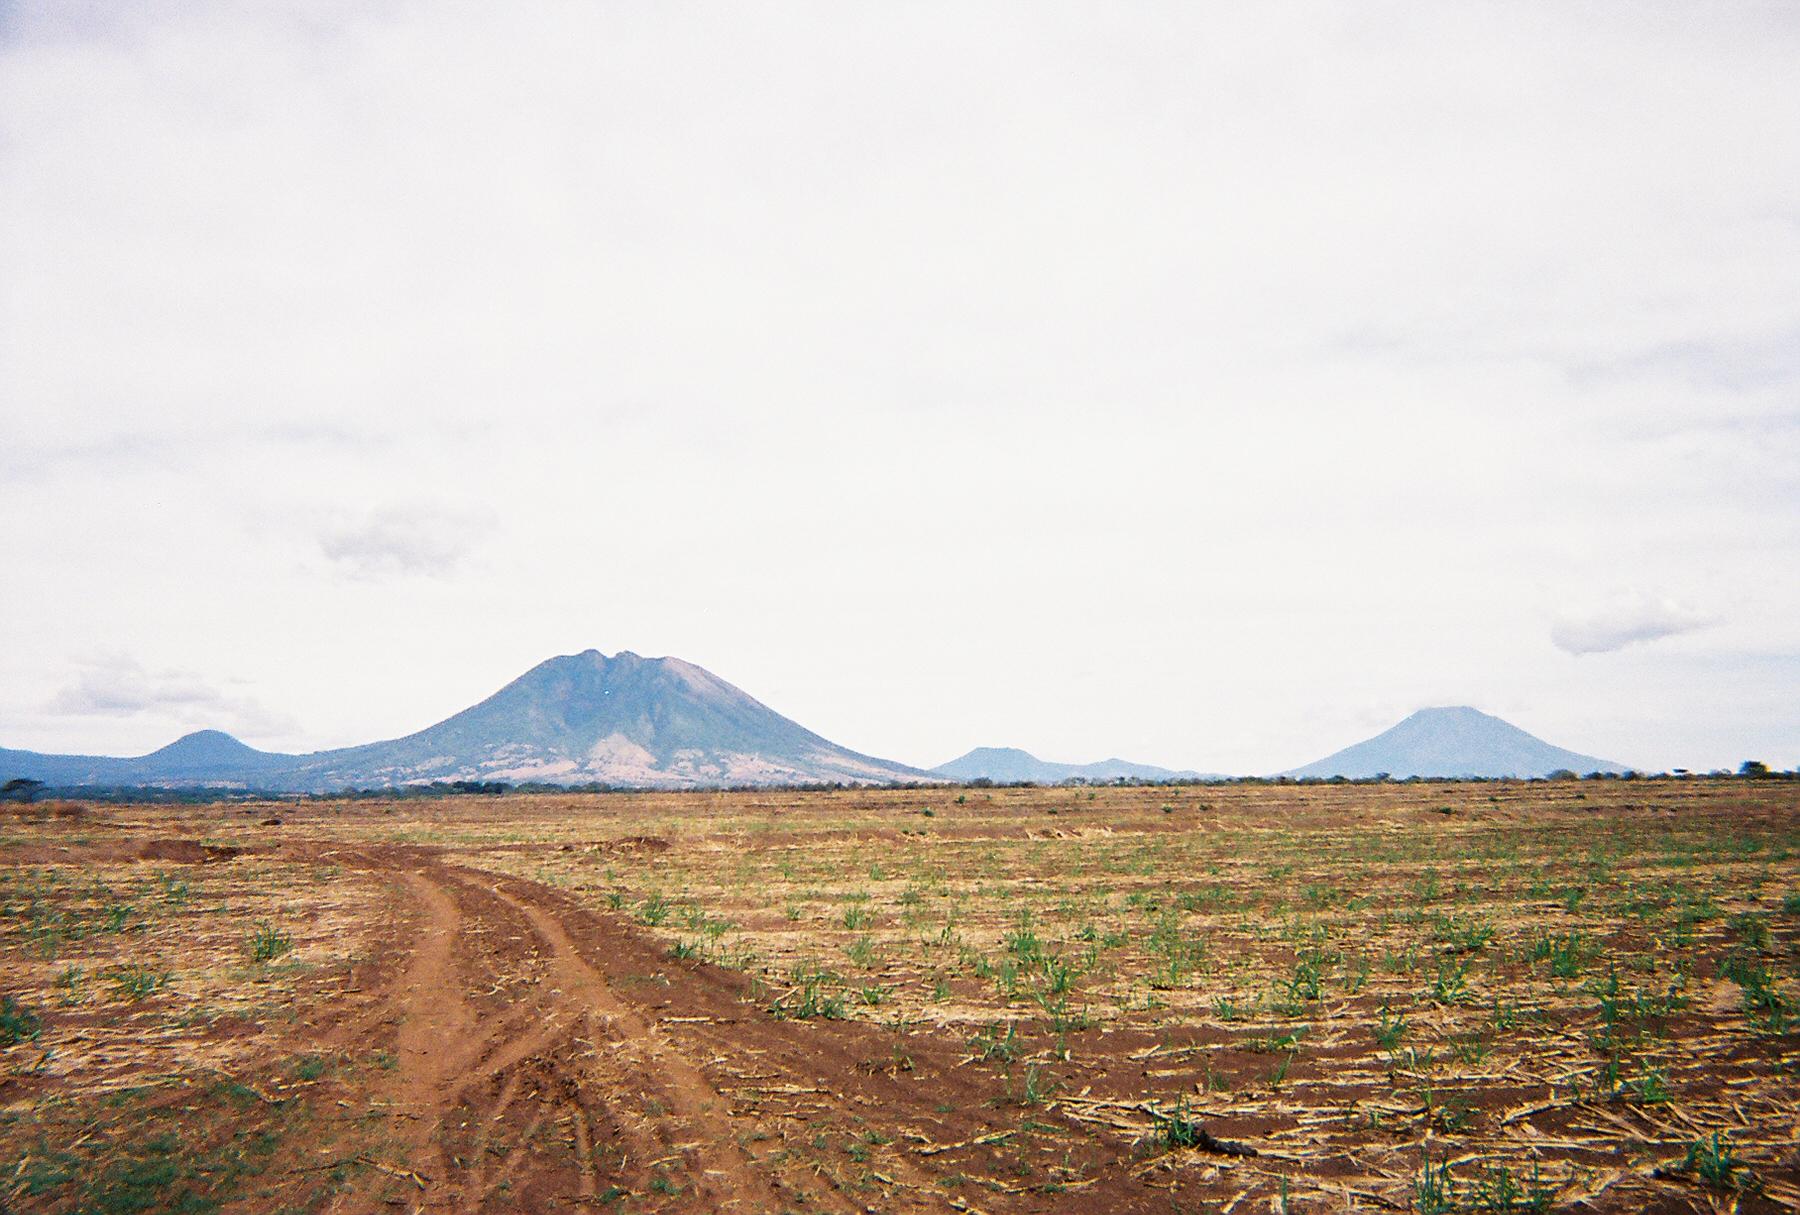 The countryside of El Salvador